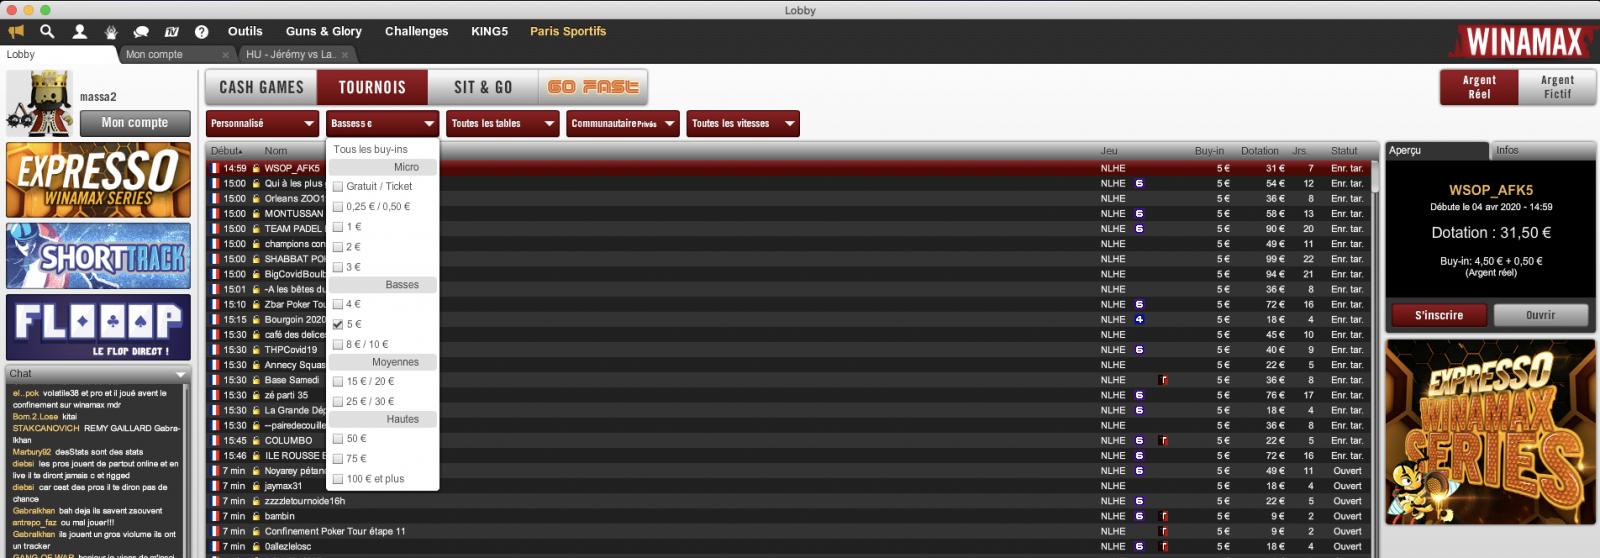 Capture d'écran 2020-04-04 à 15.52.12.png